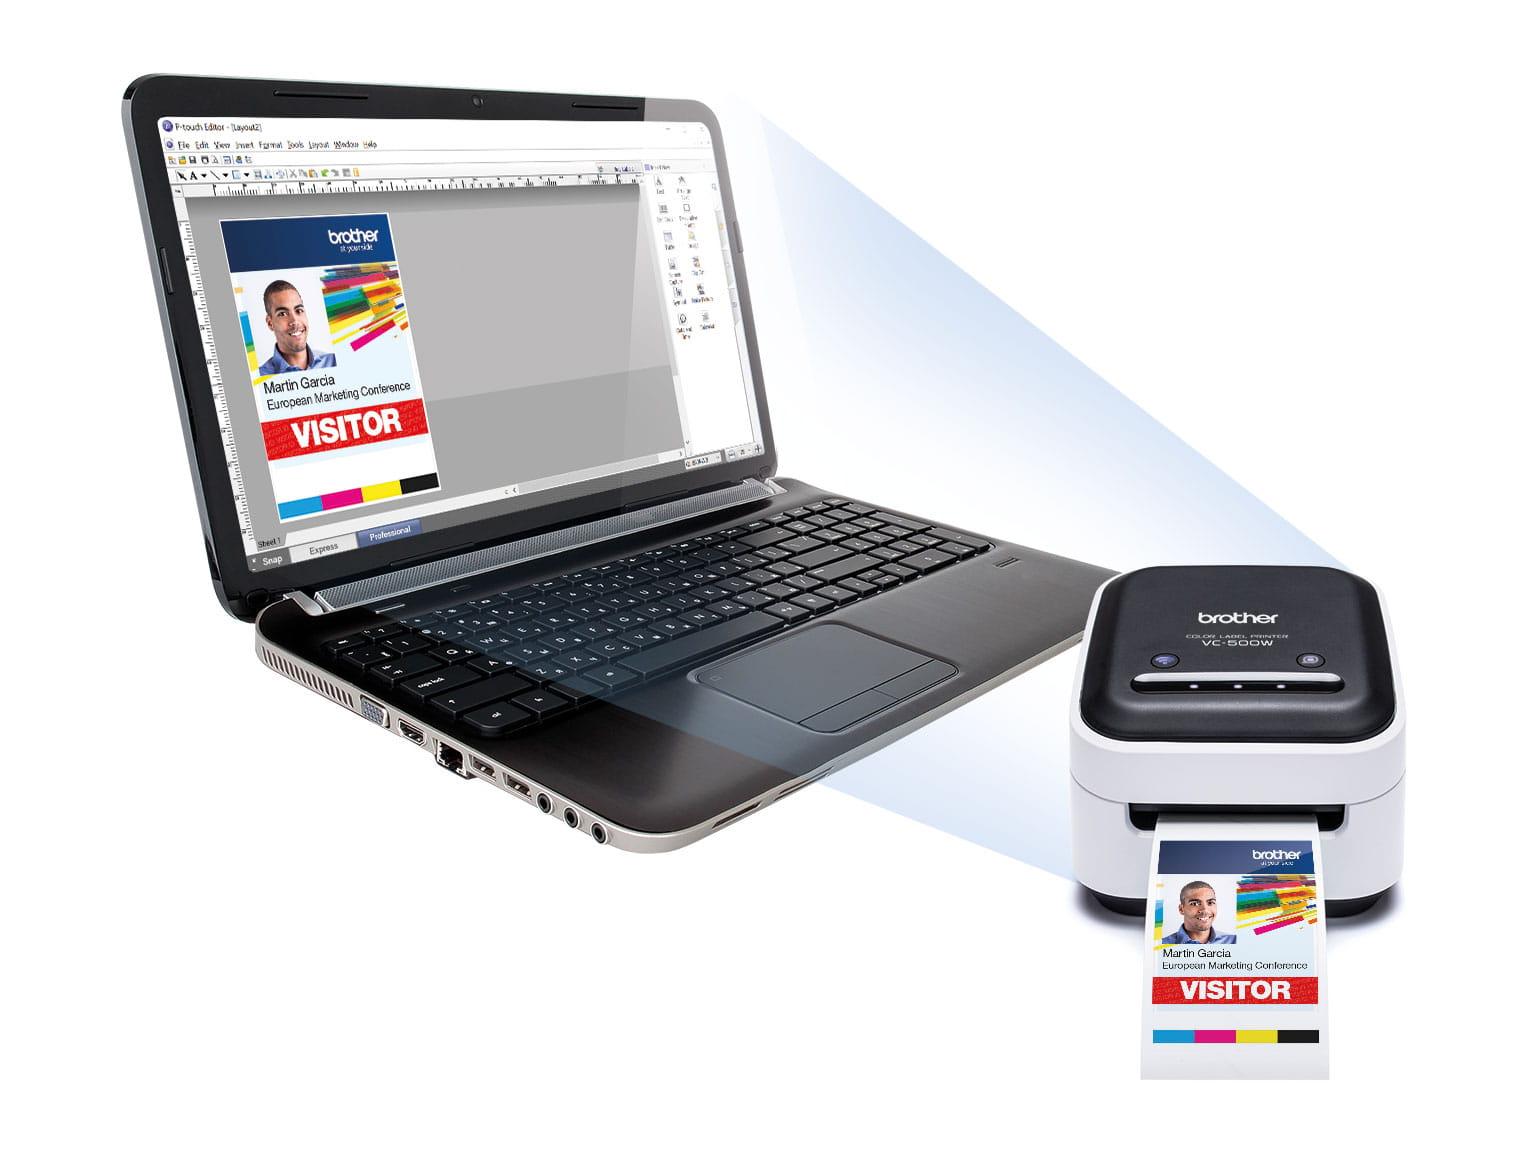 Brother VC-500W színes címkenyomtató és P-touch Editor szoftver a laptopon